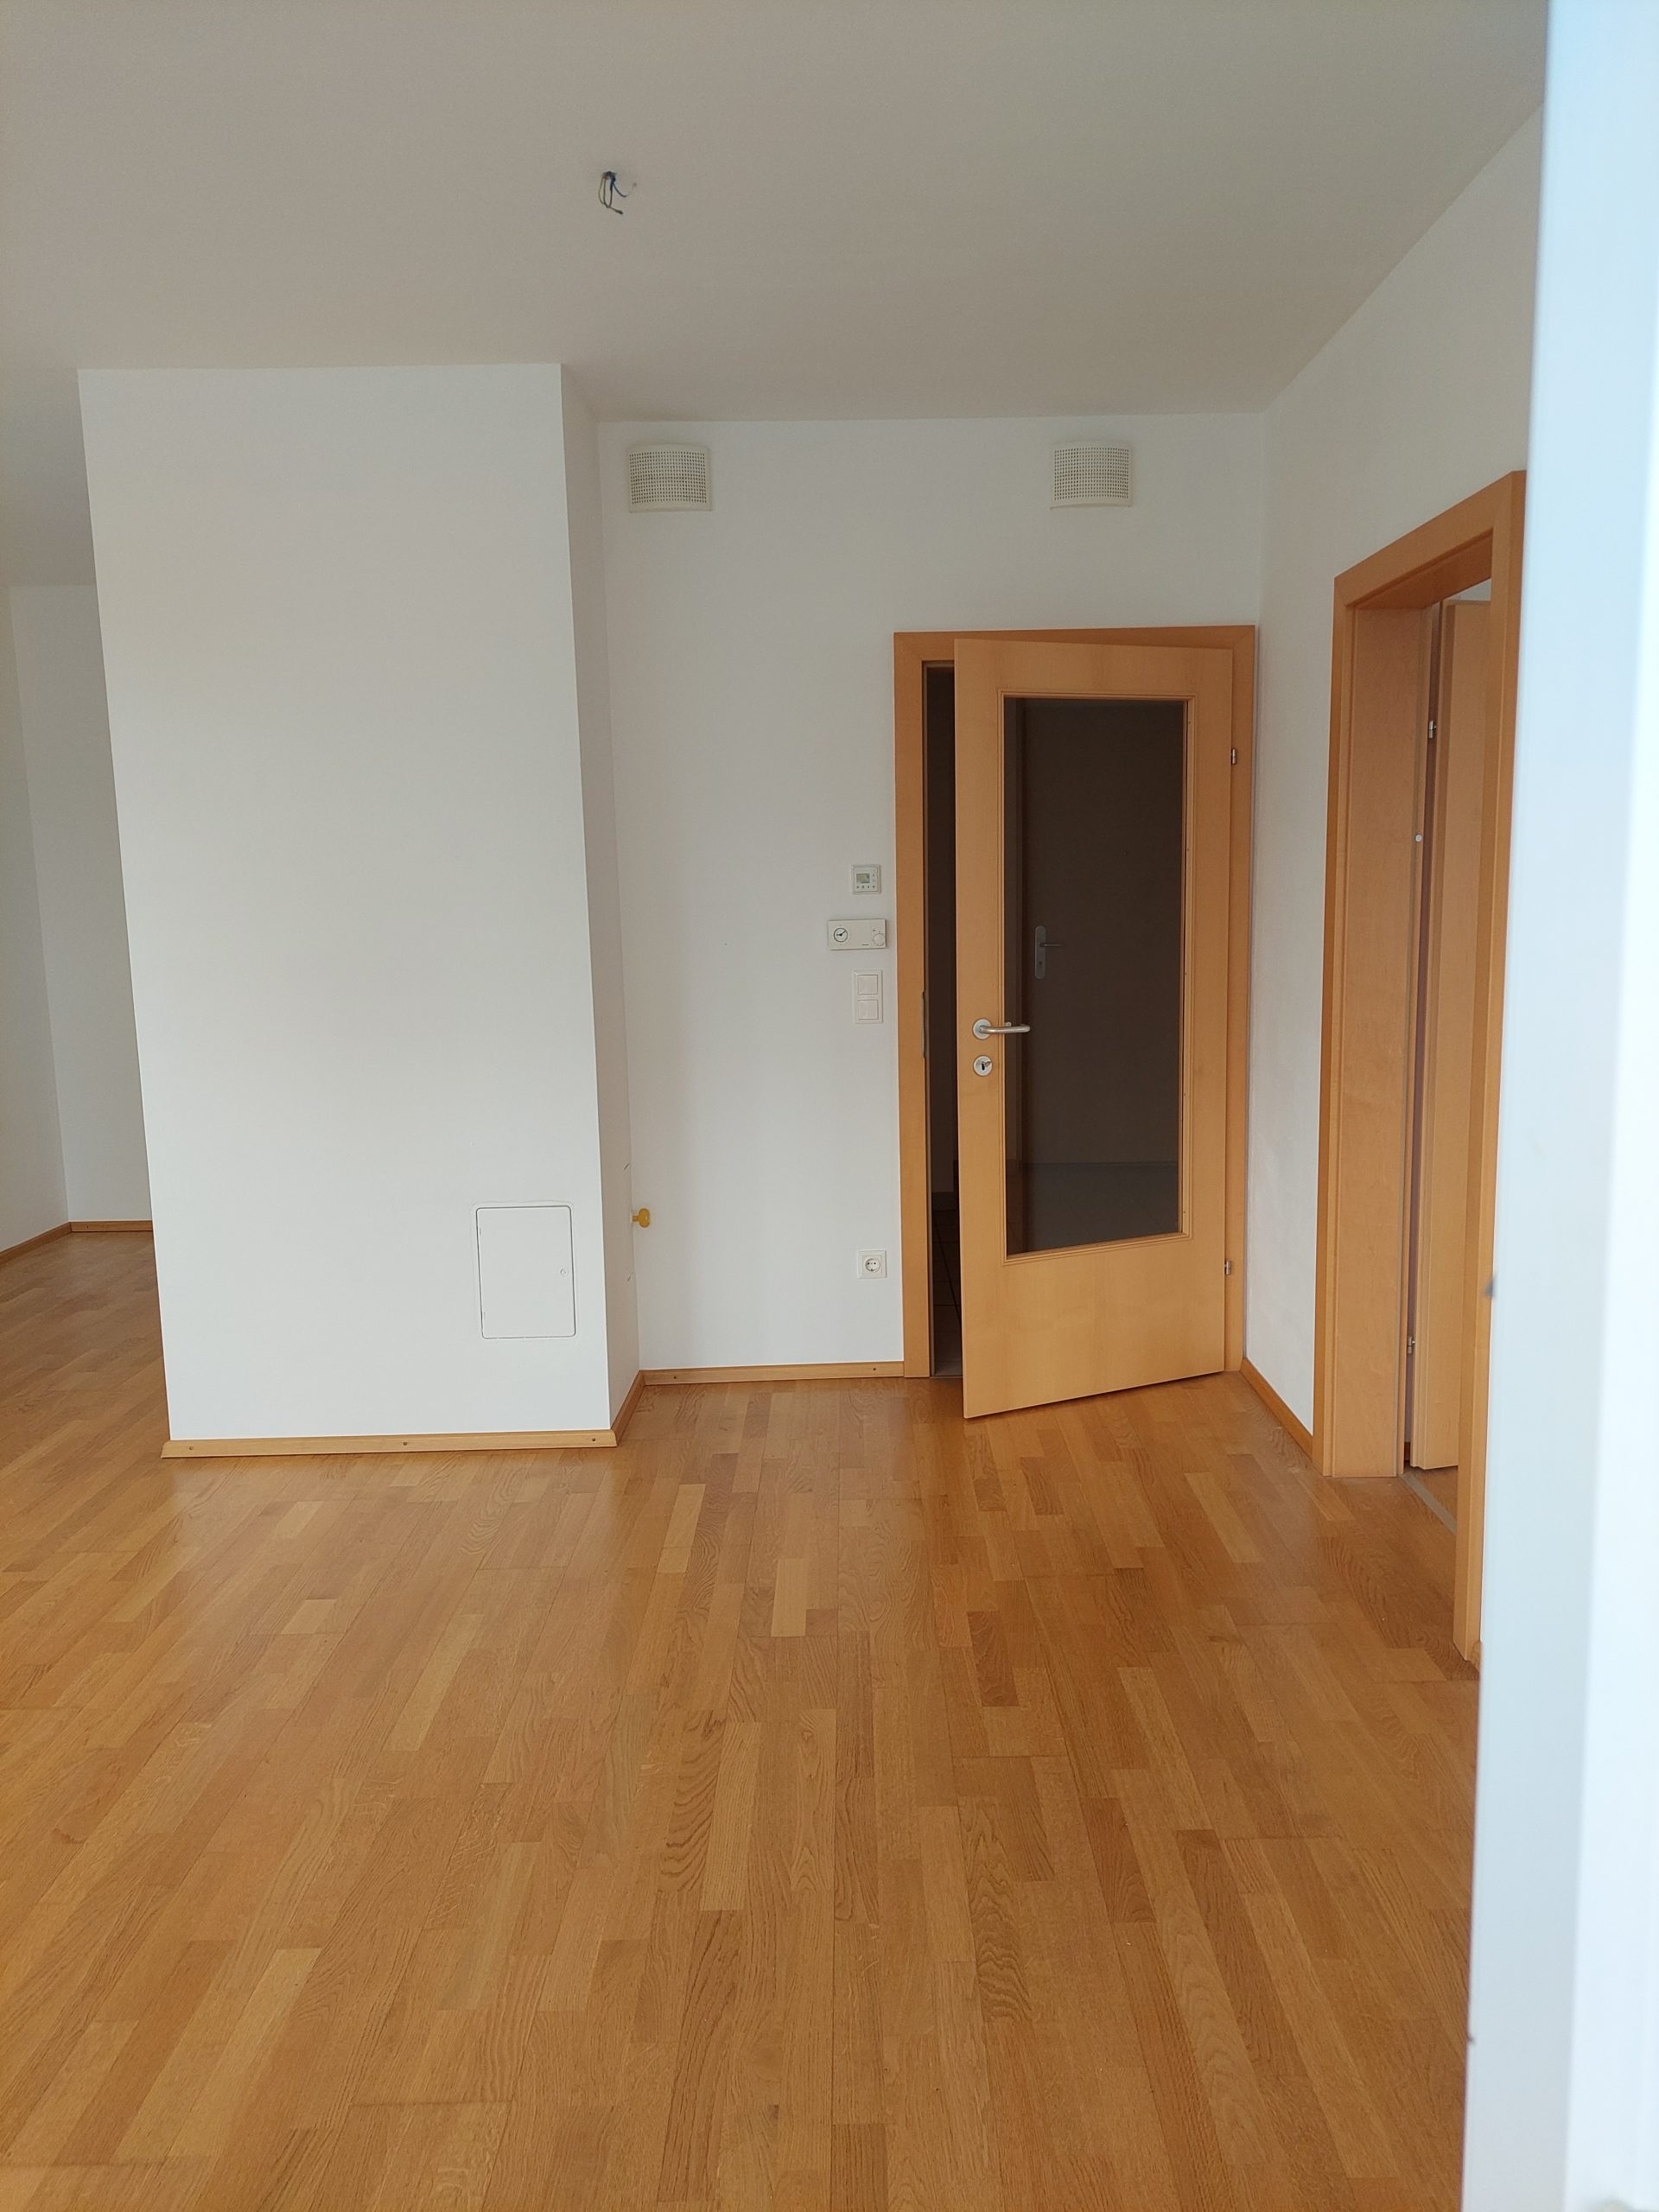 Immobilie von Kamptal in 3631 Ottenschlag, Zwettl, Ottenschlag I/1 - Top 211 #2